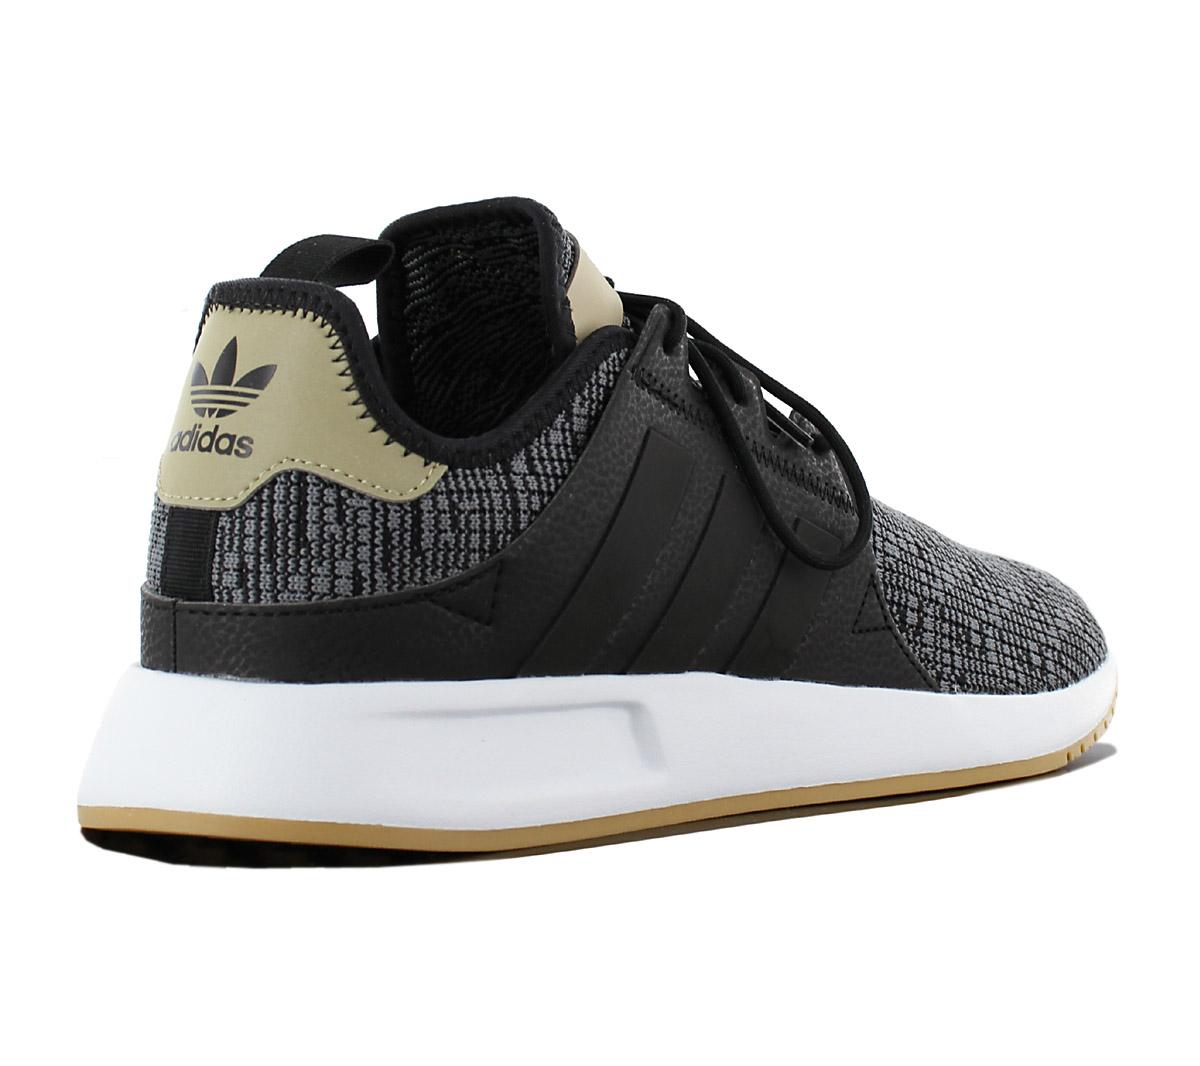 21ec0665738 Adidas Originals x PLR Men s Sneakers Shoes Textile Sneakers Leisure ...